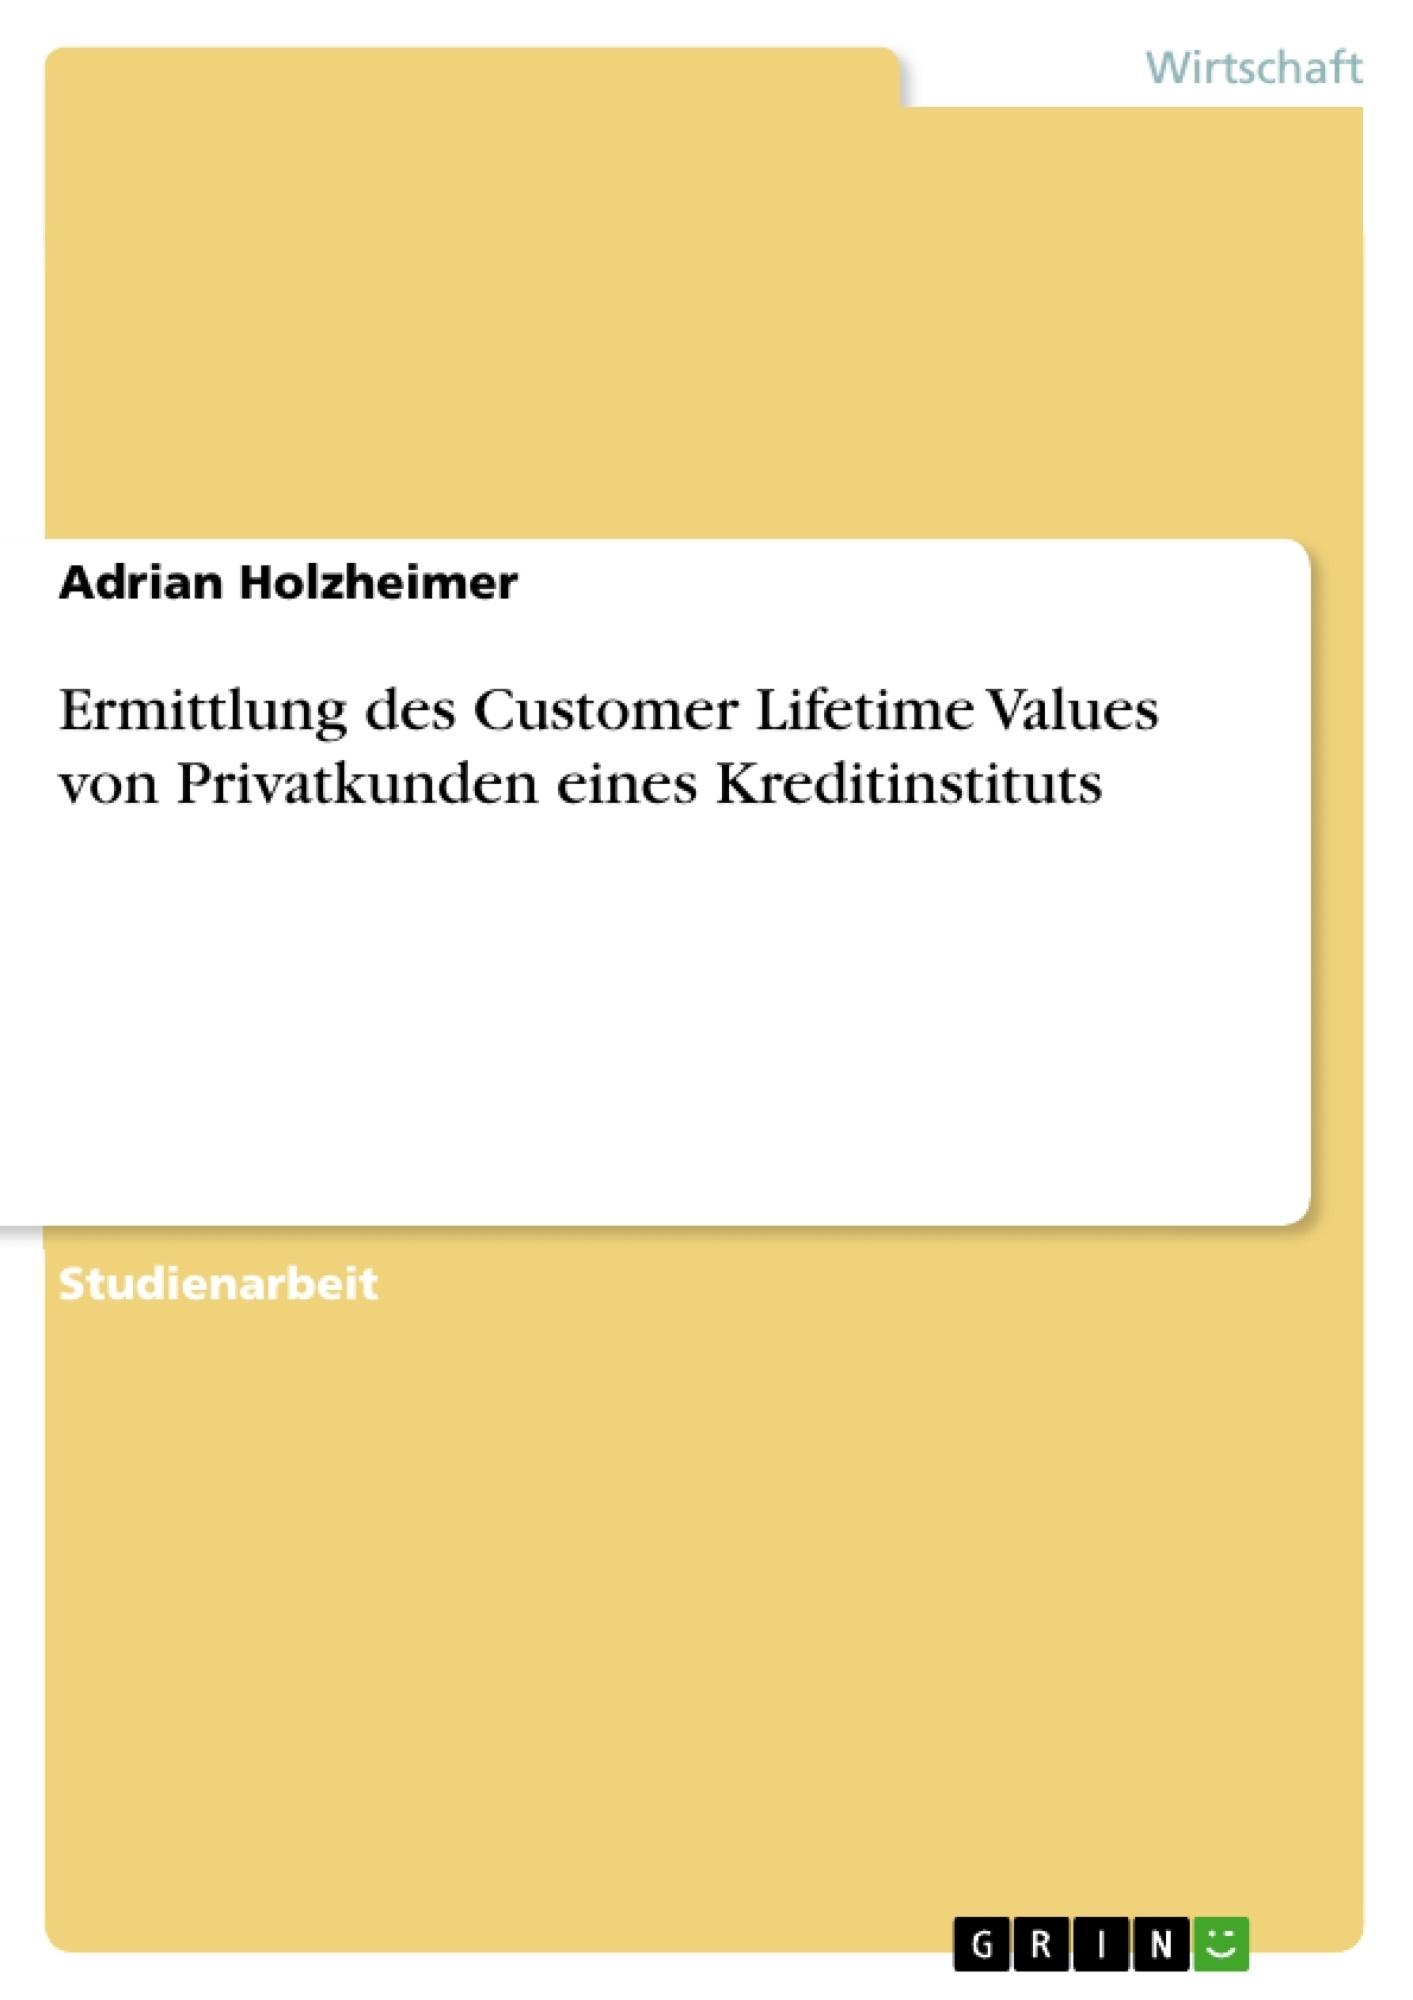 Titel: Ermittlung des Customer Lifetime Values von Privatkunden eines Kreditinstituts